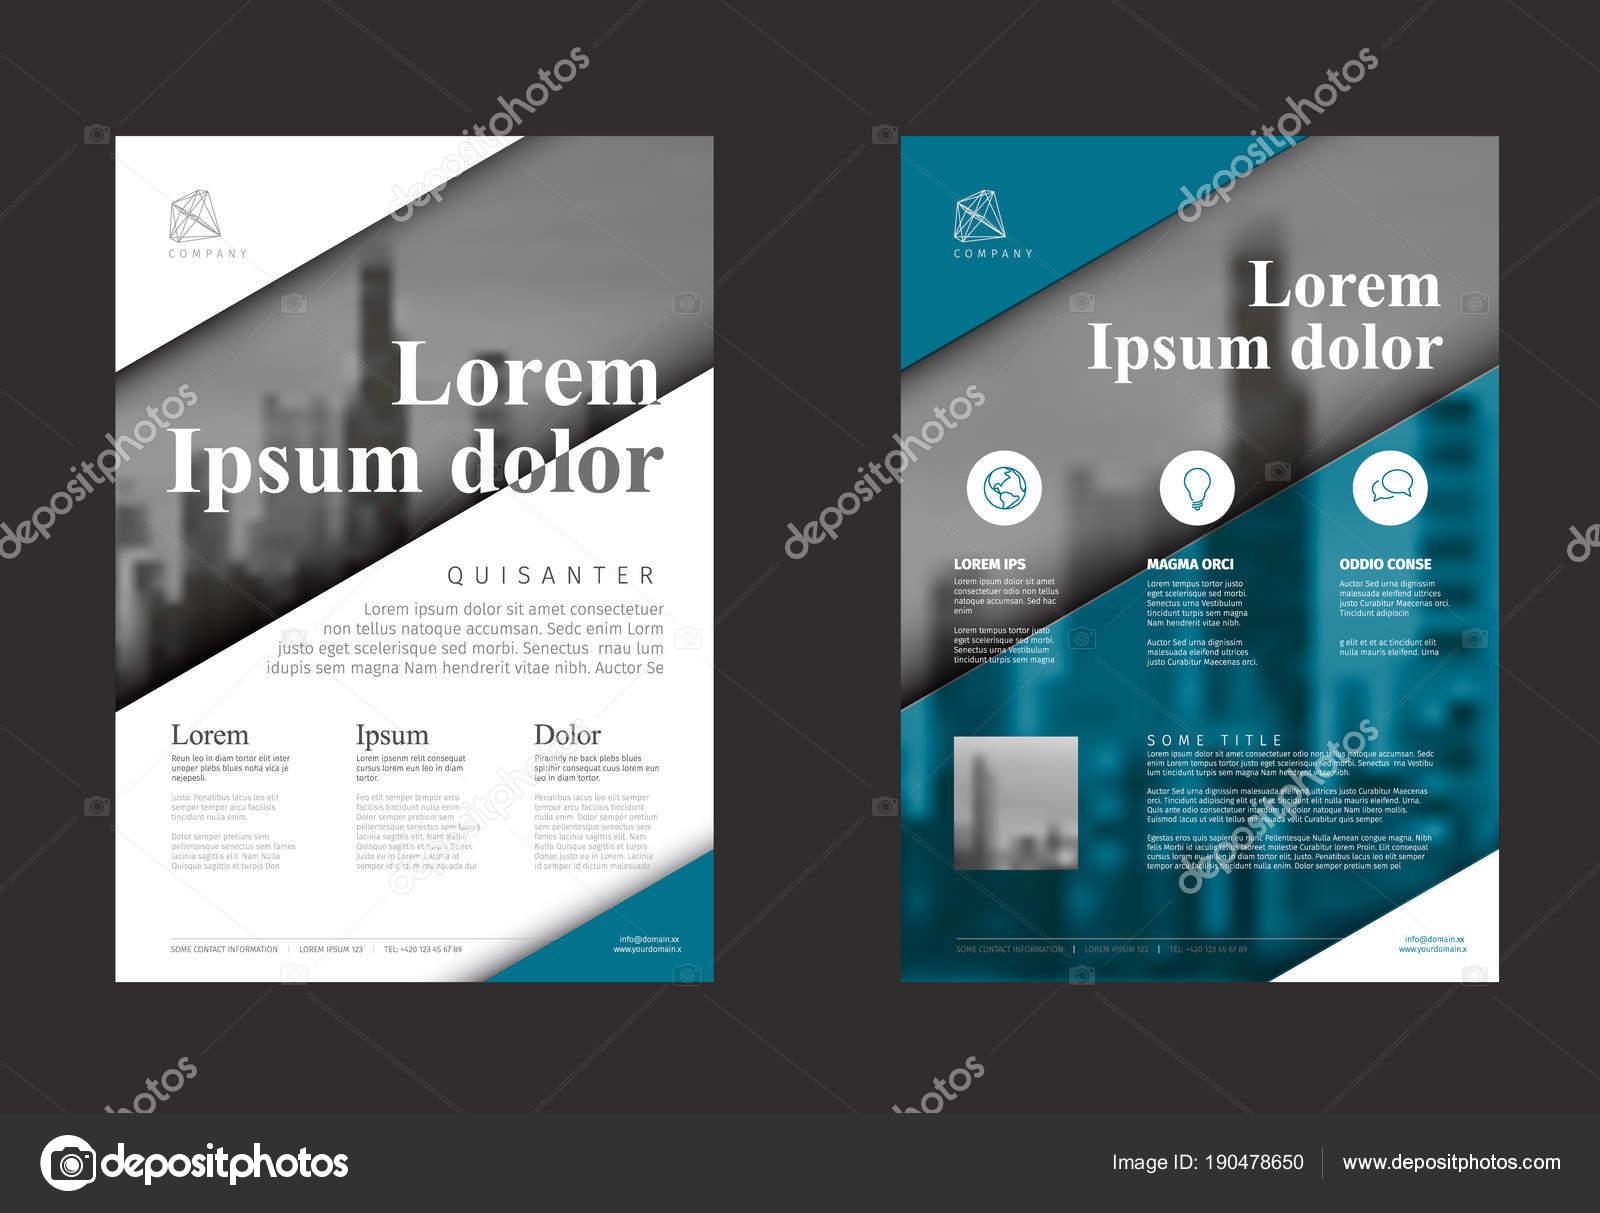 moderne blau business imagebroschre flyer vektor entwurfsvorlage mit foto und beispiel inhalt vektor von orson - Imagebroschure Beispiele